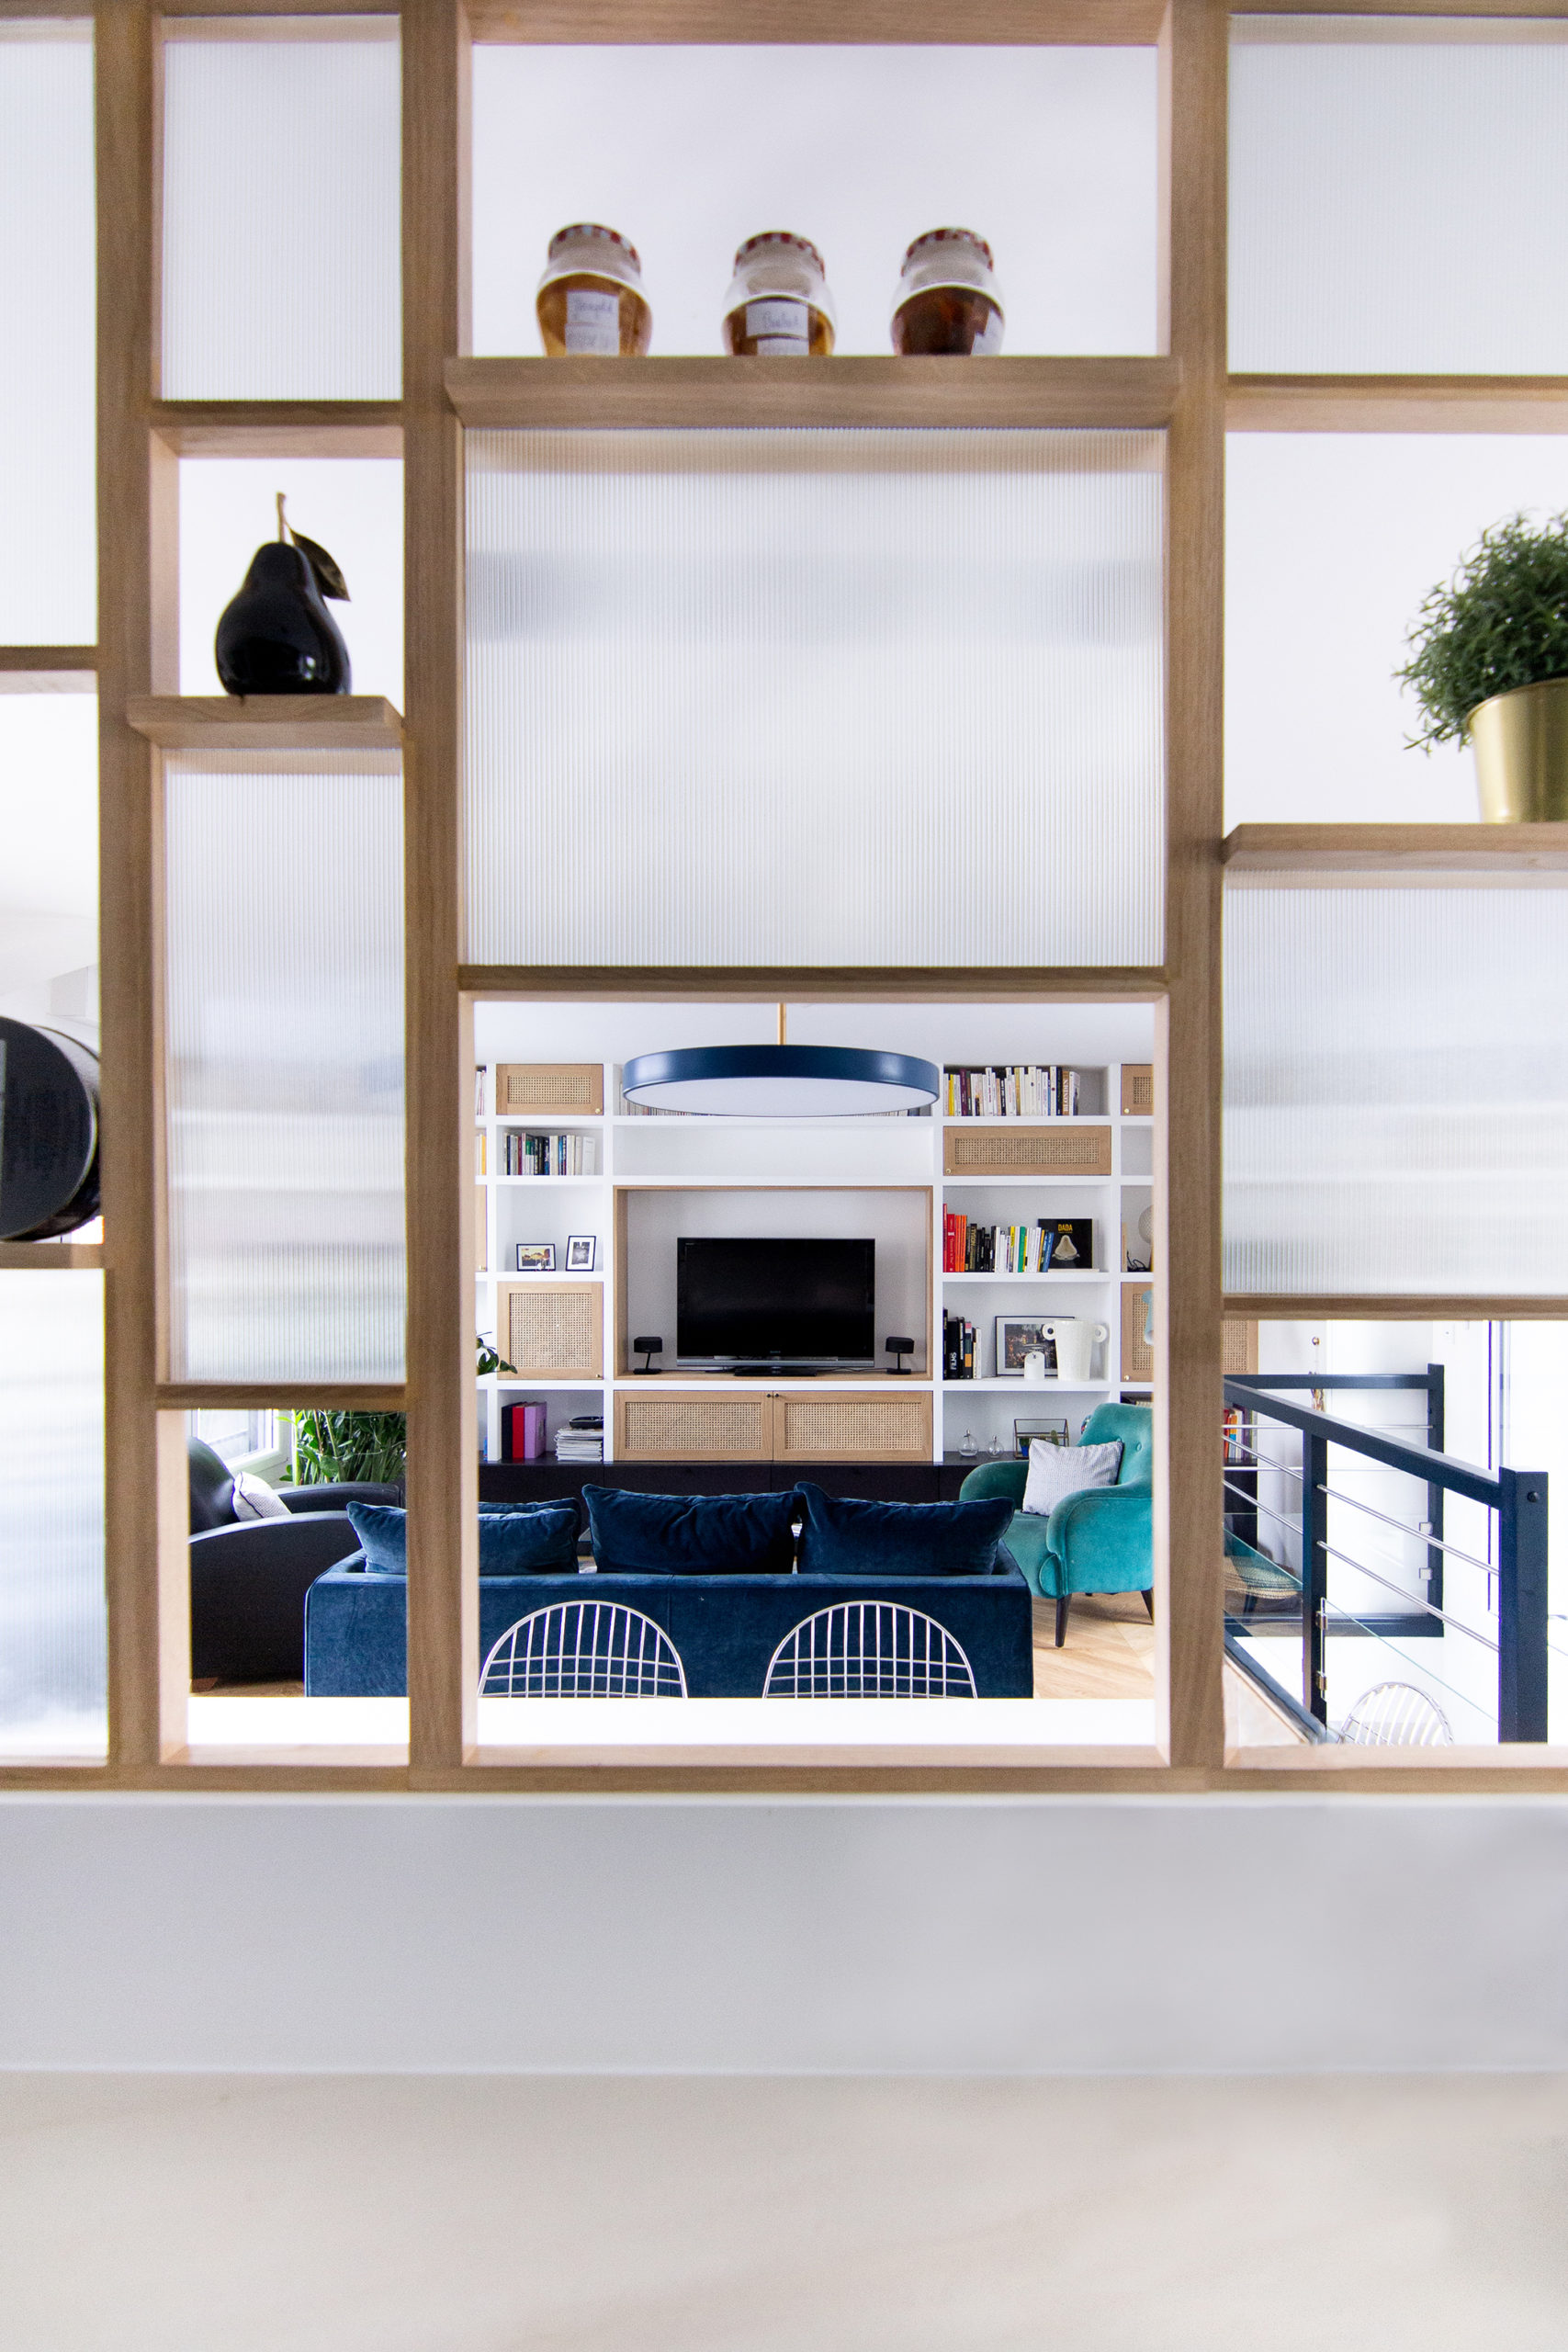 Verrière bois et verre cannelé - Architecte d'intérieur Studio Mariekke - Paris